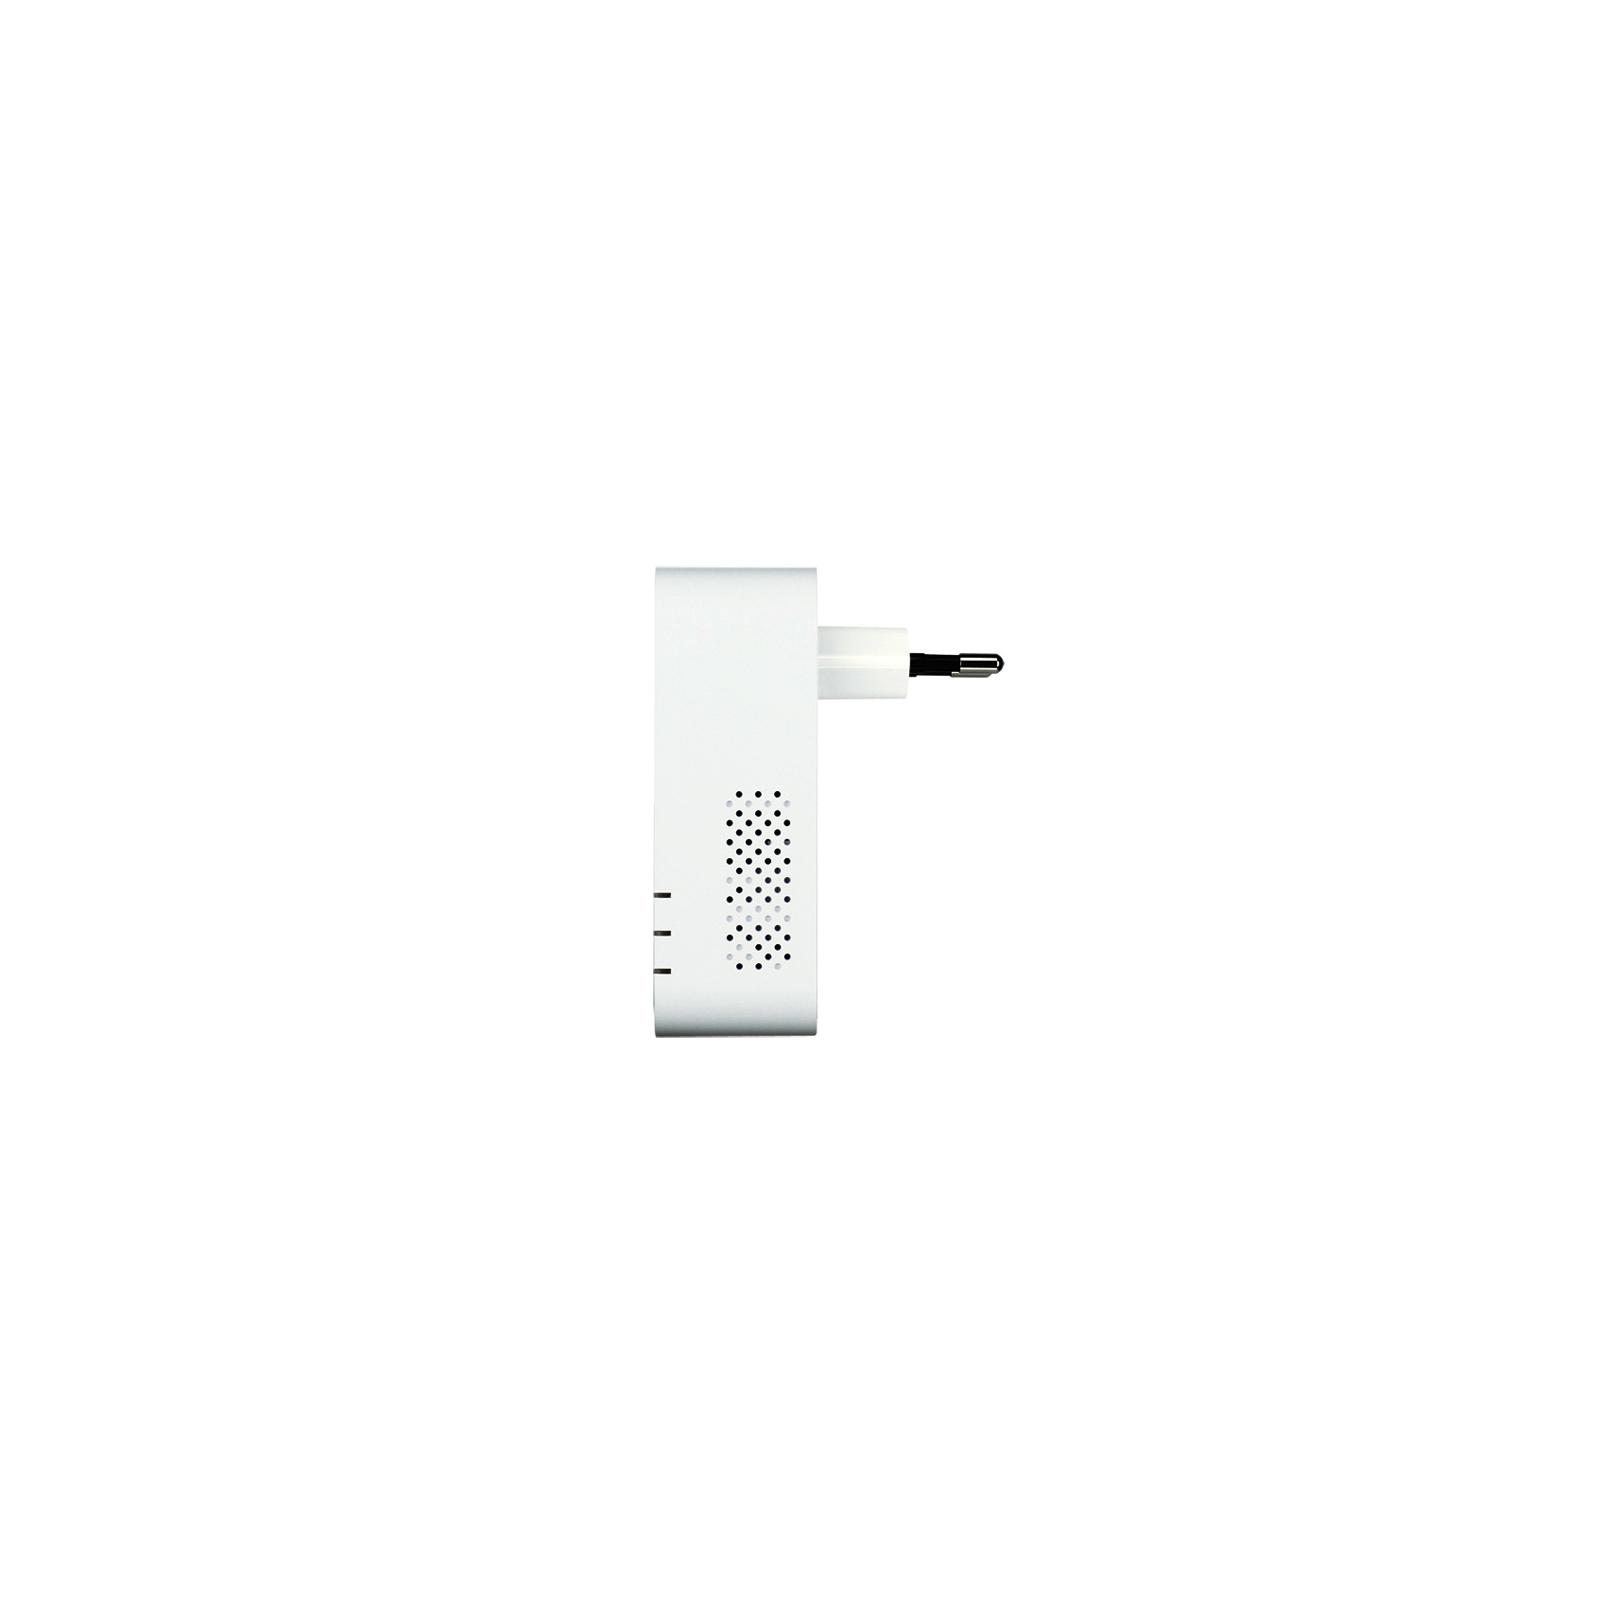 Адаптер Powerline D-Link DHP-600AV изображение 3